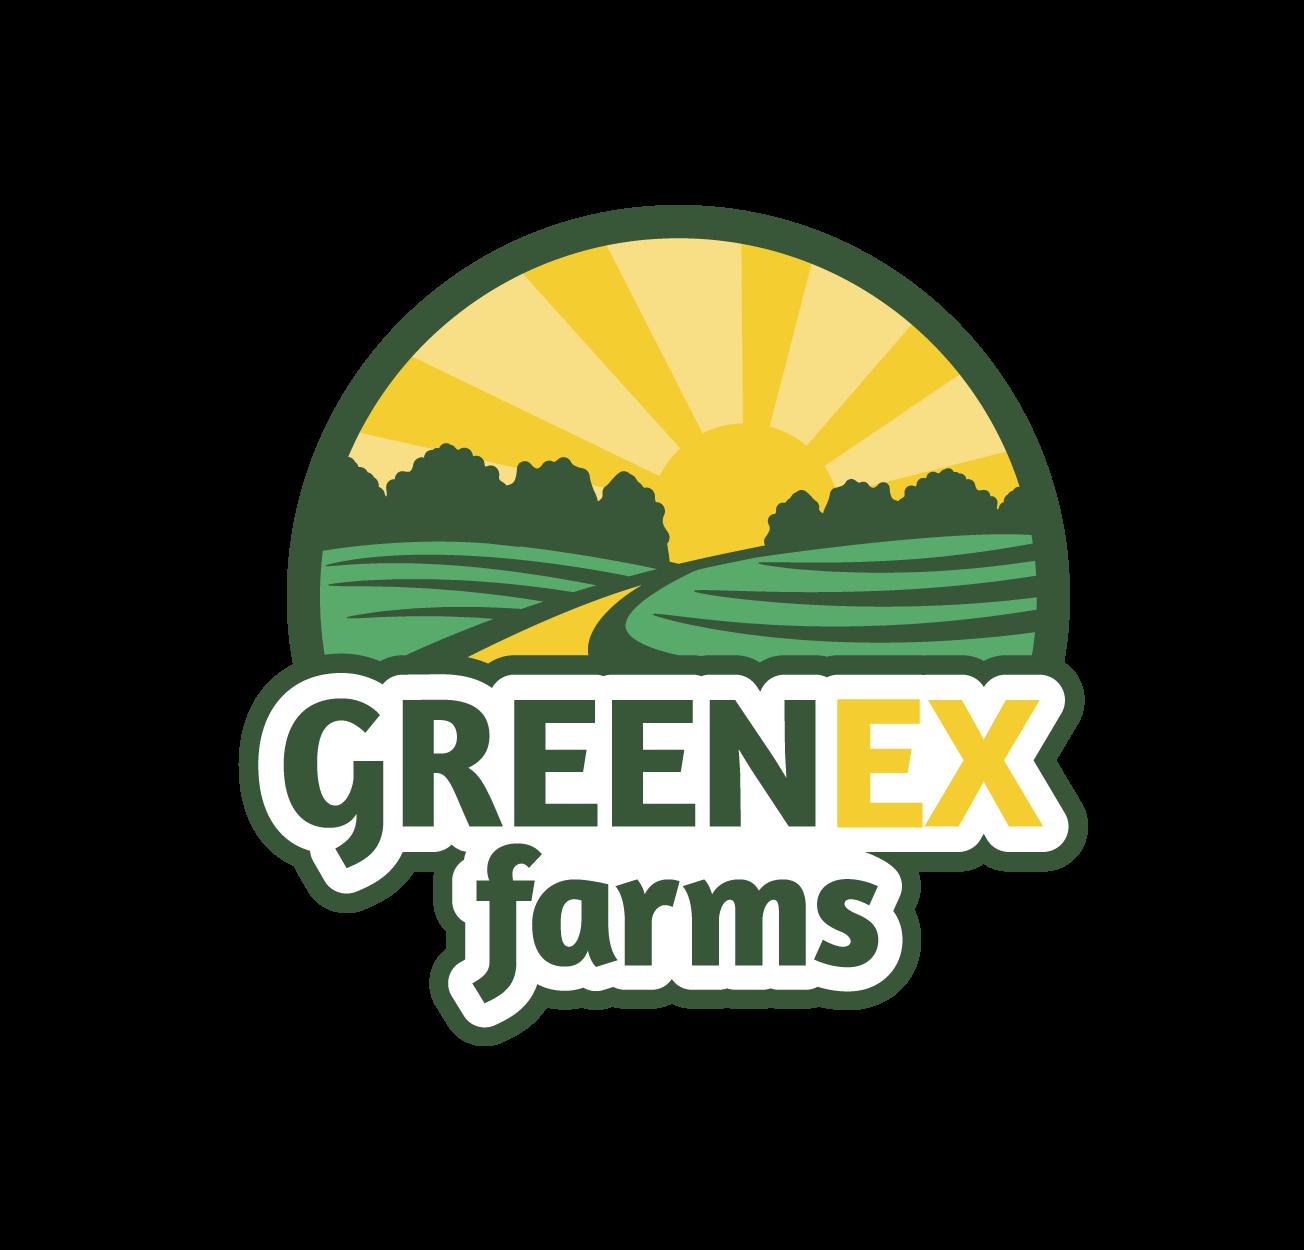 Greenex Farms